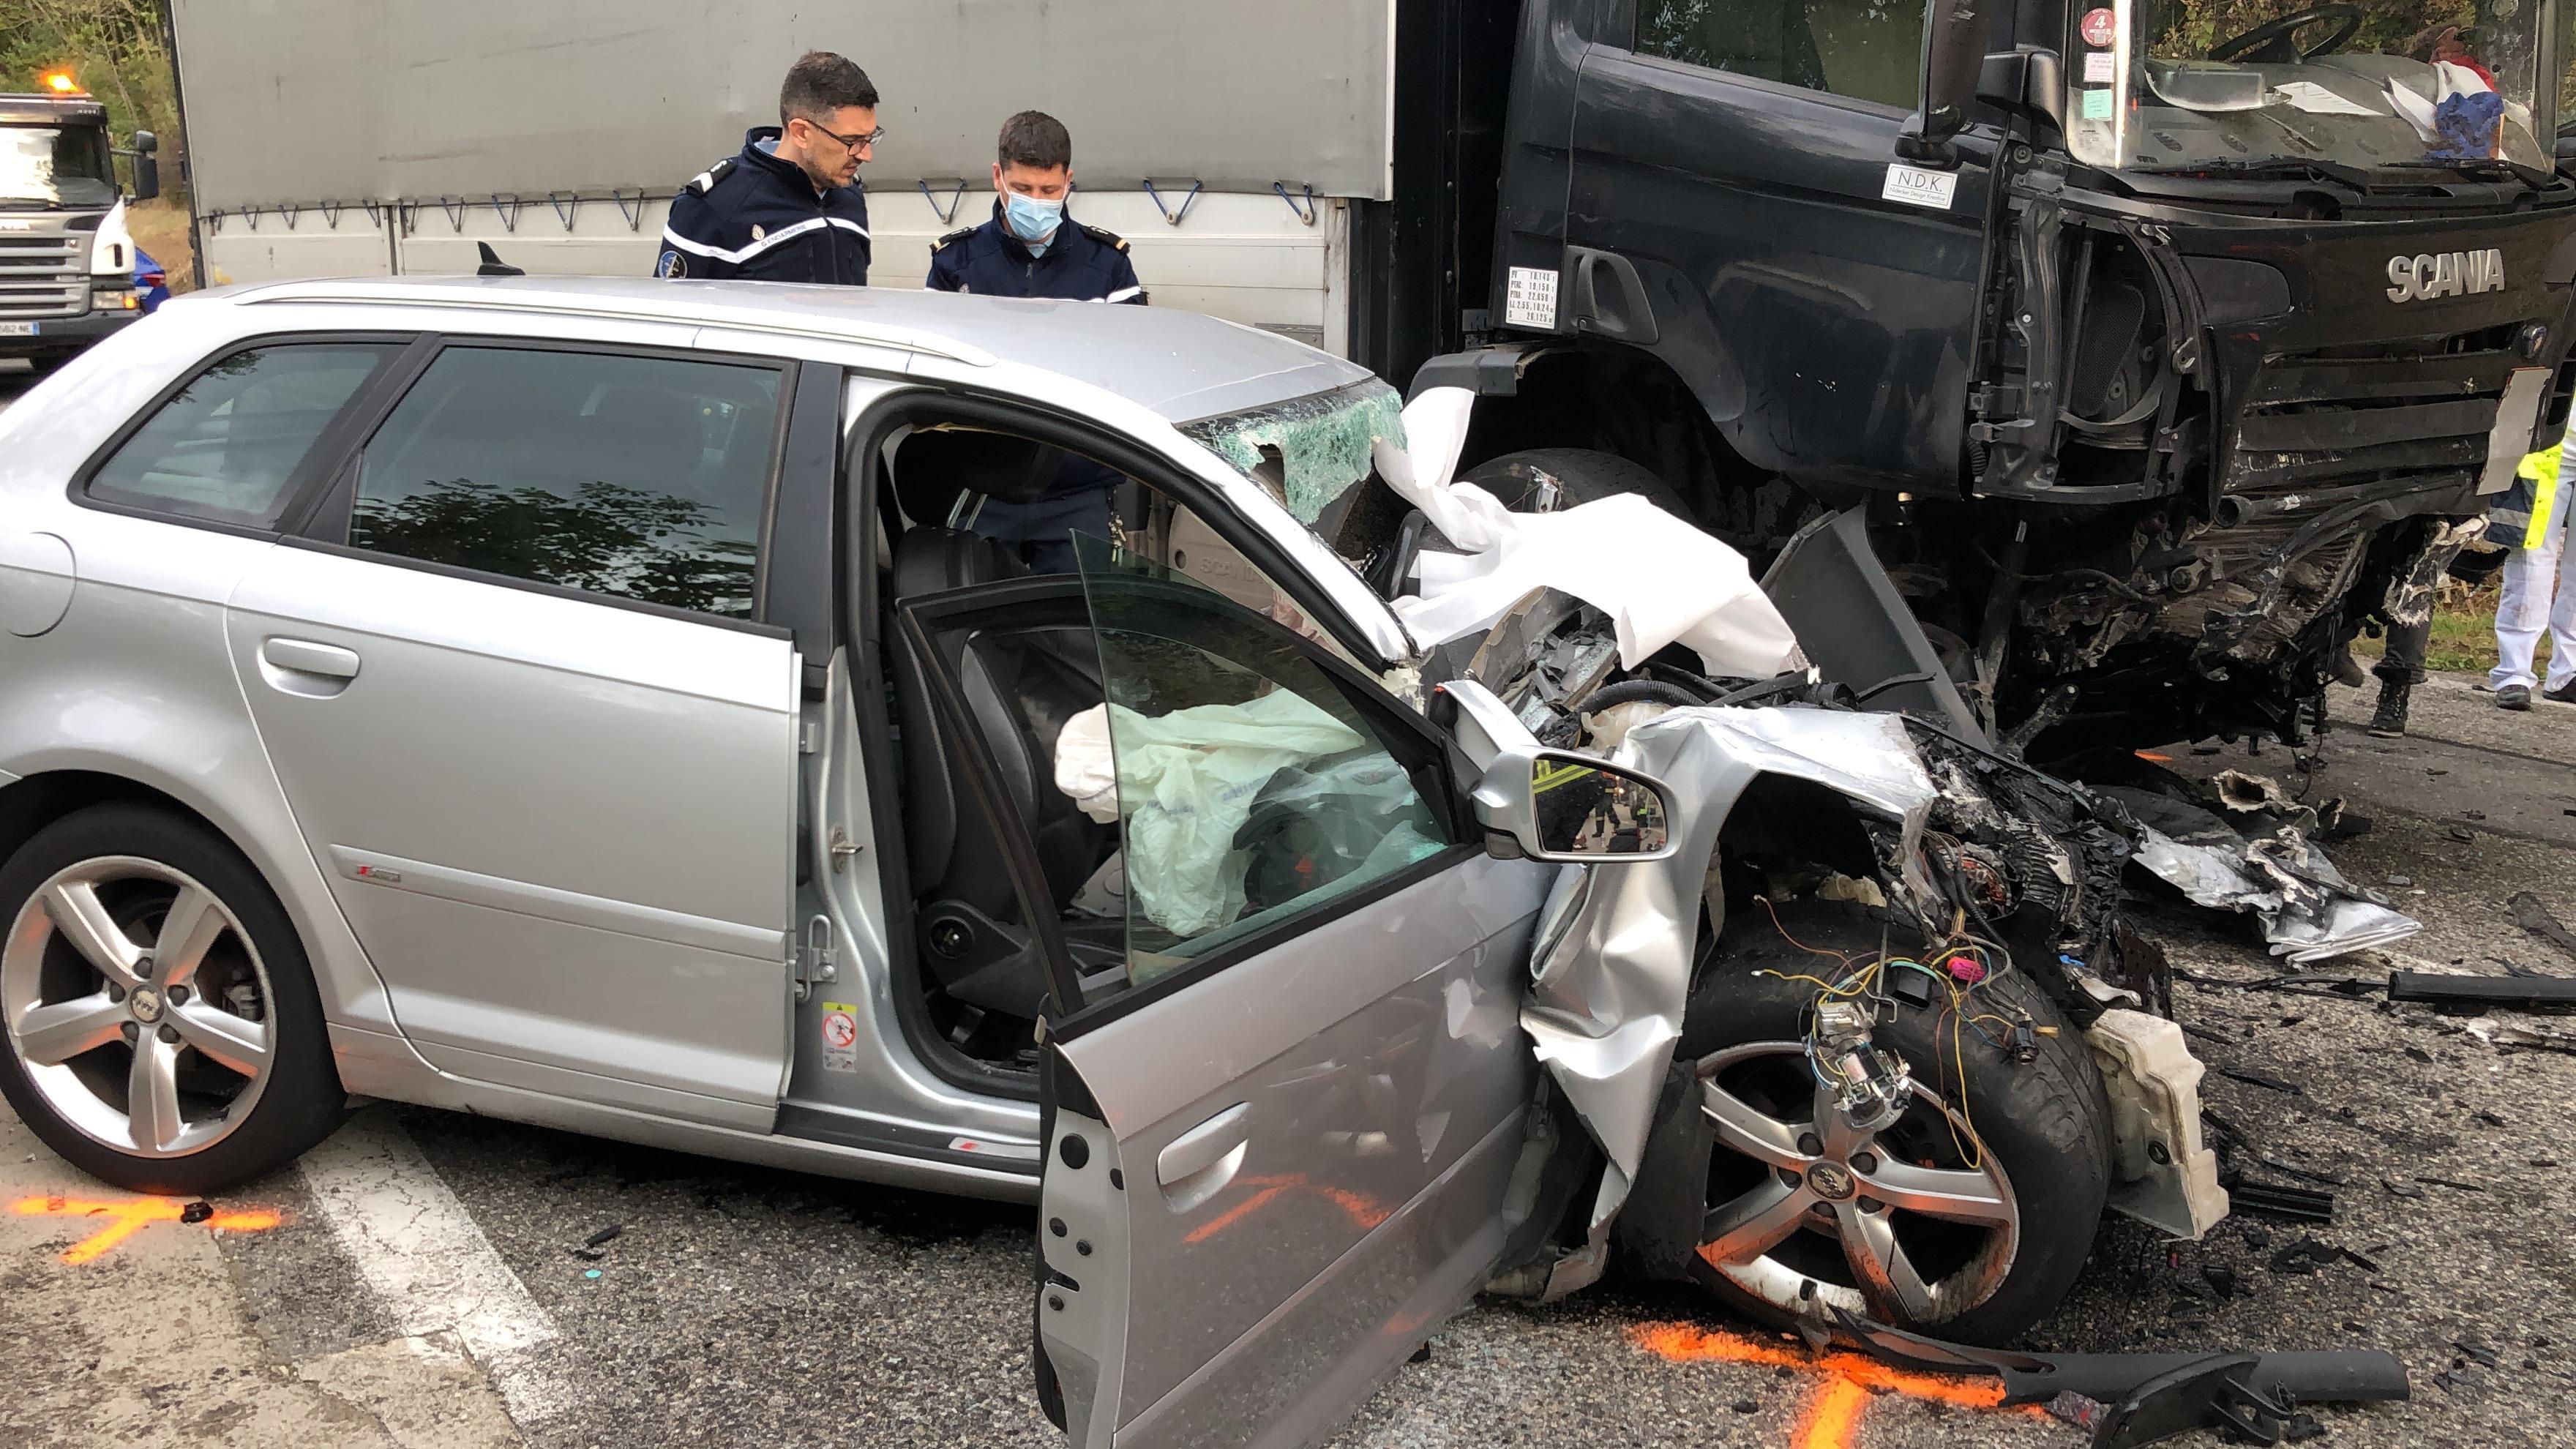 La gendarmerie devra déterminer les circonstances de l'accident.